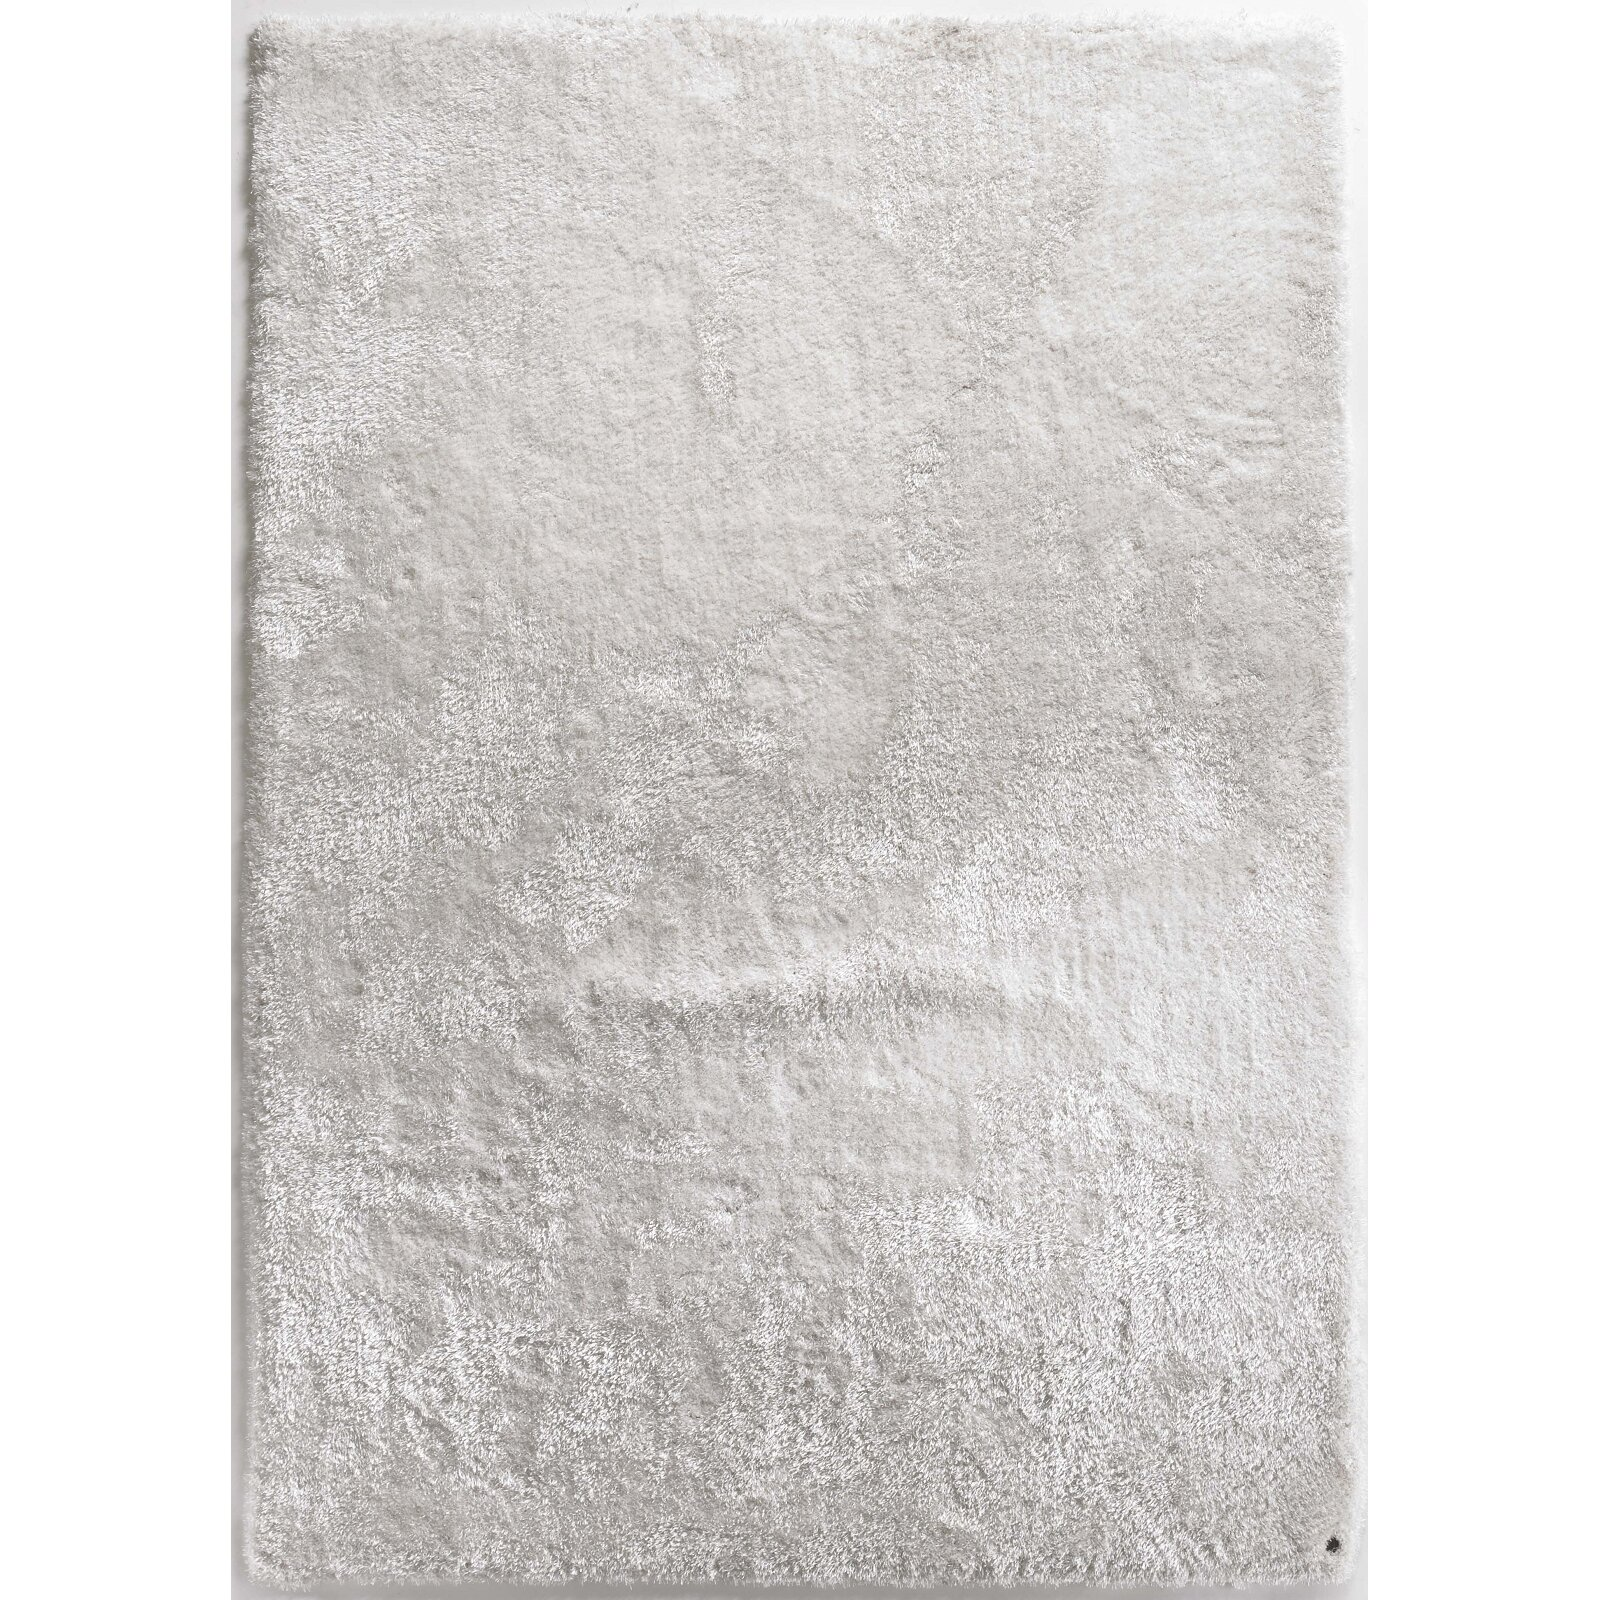 Handgefertigter Teppich Soft in Weiß von Tom Tailor